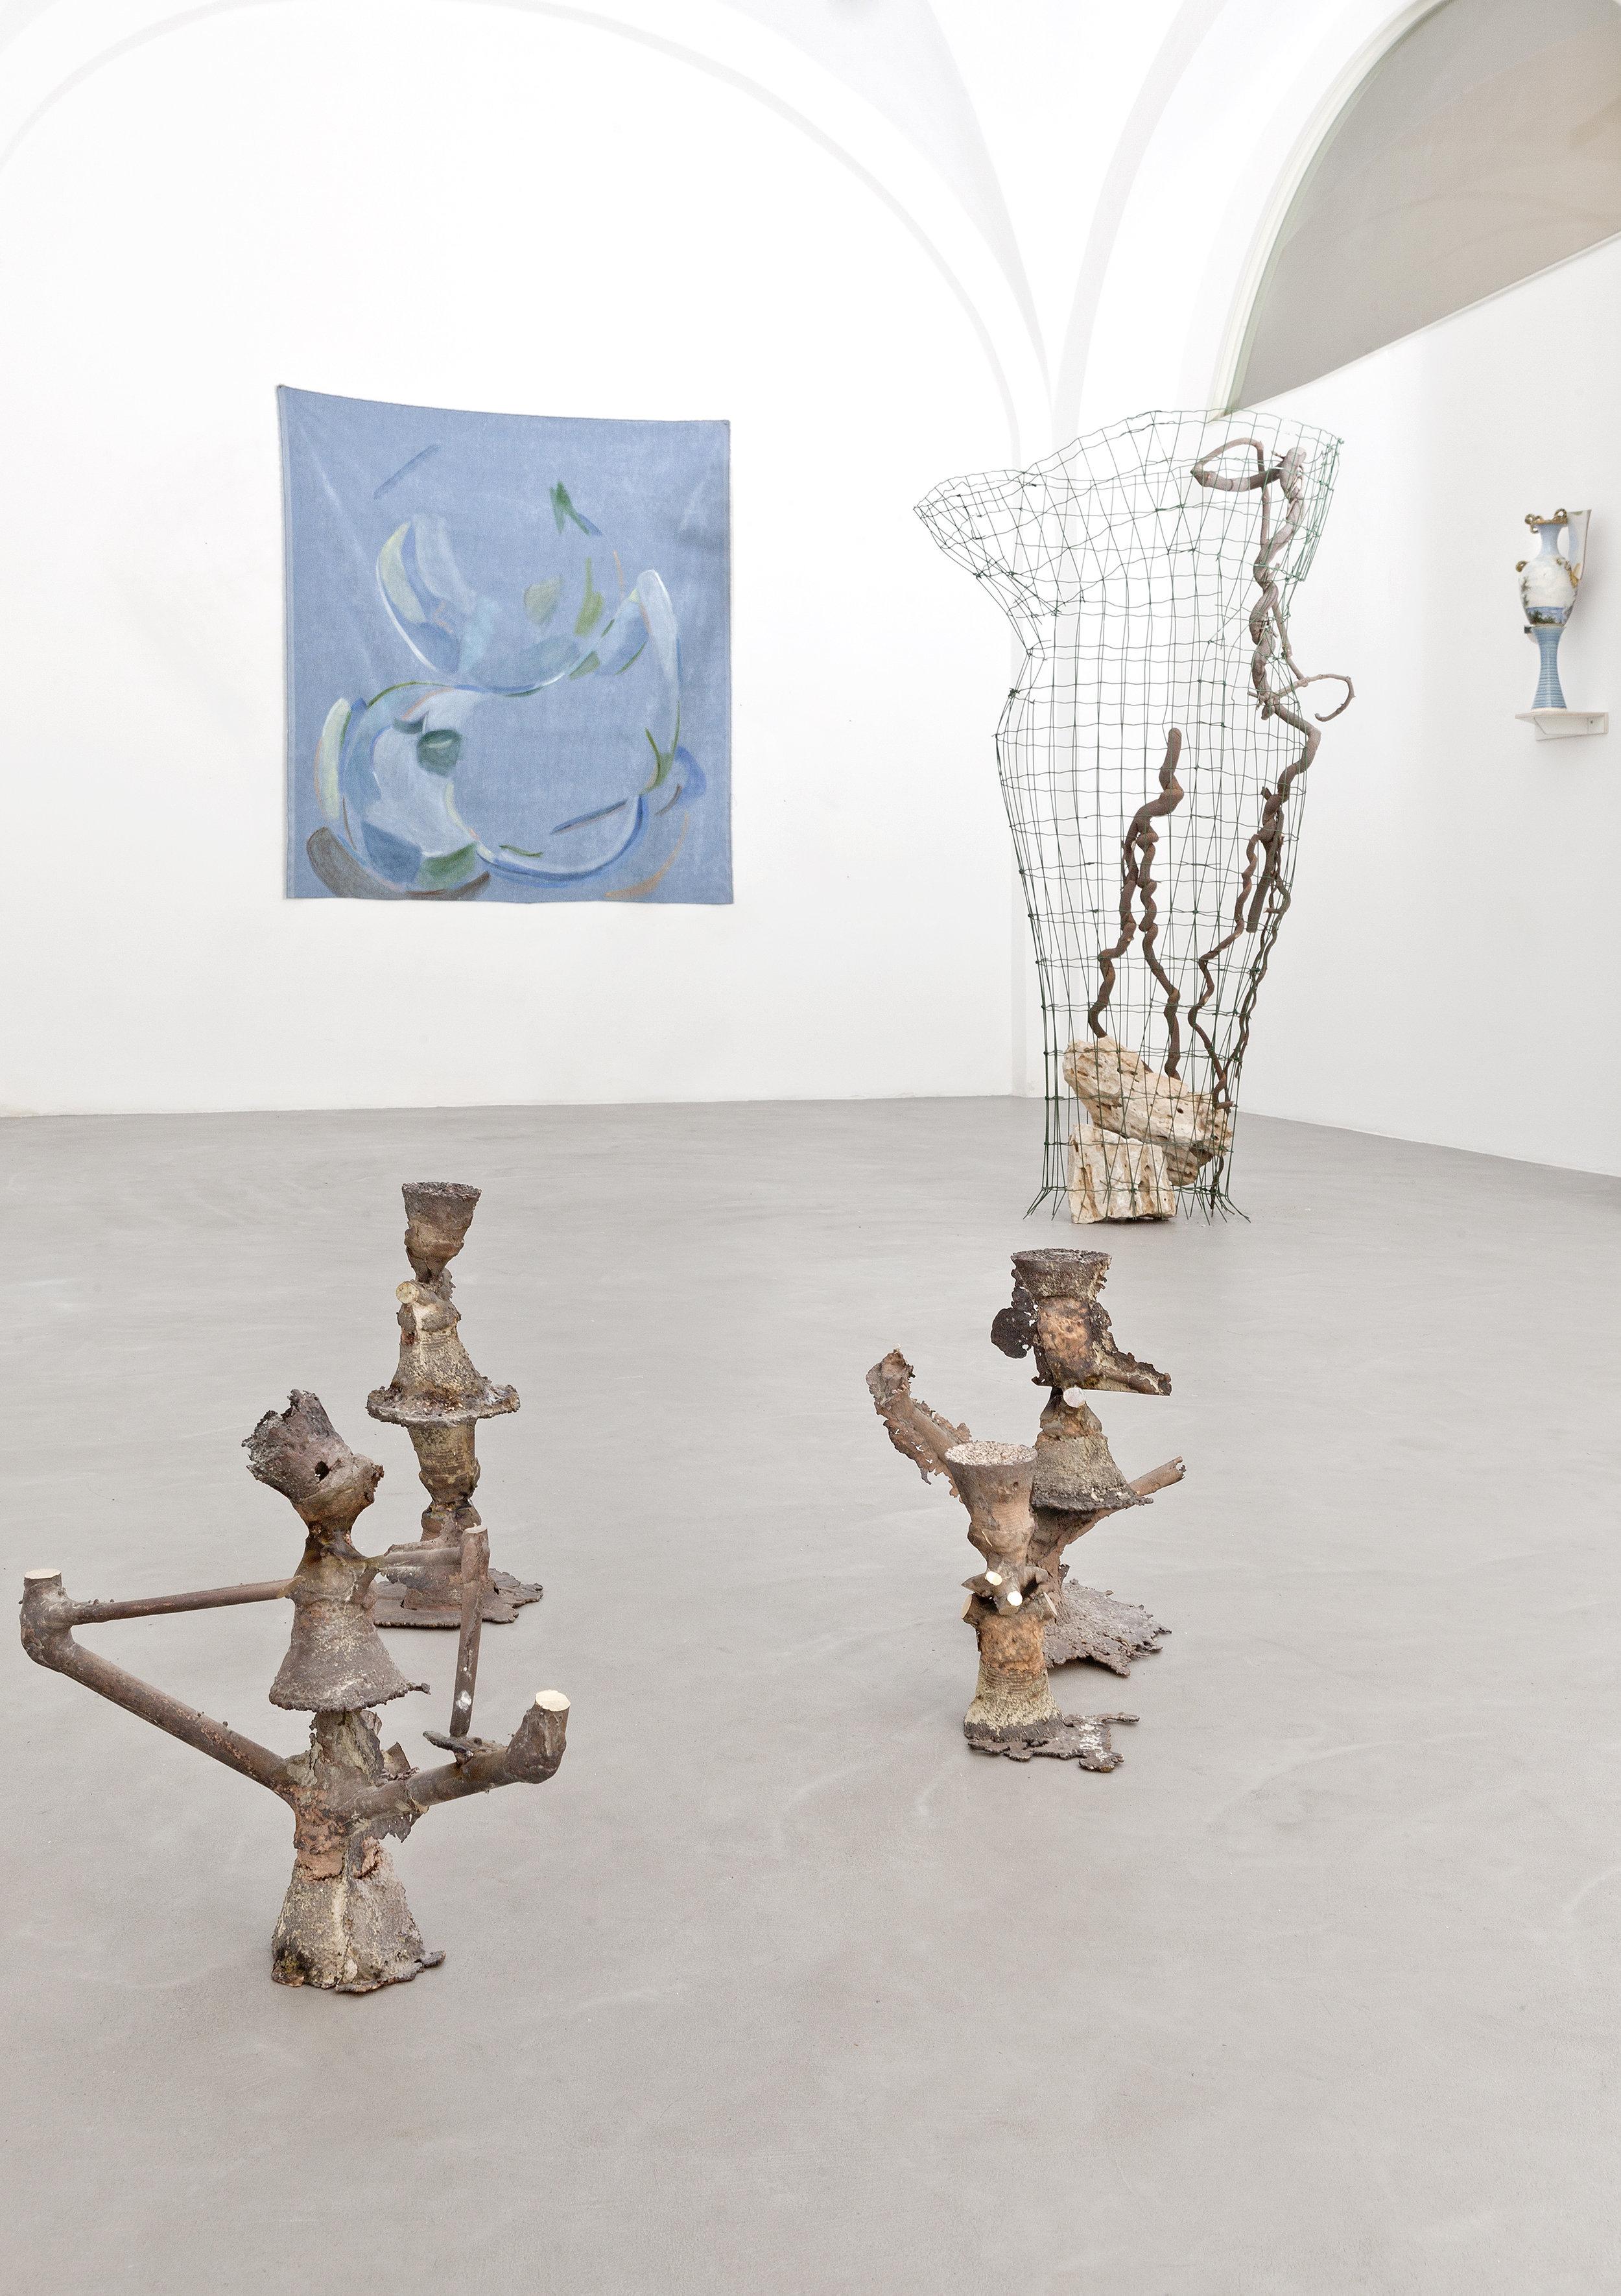 Vista della mostra  Slittamenti e margini , Galleria Passaggi Arte Contemporanea, Pisa, 2018